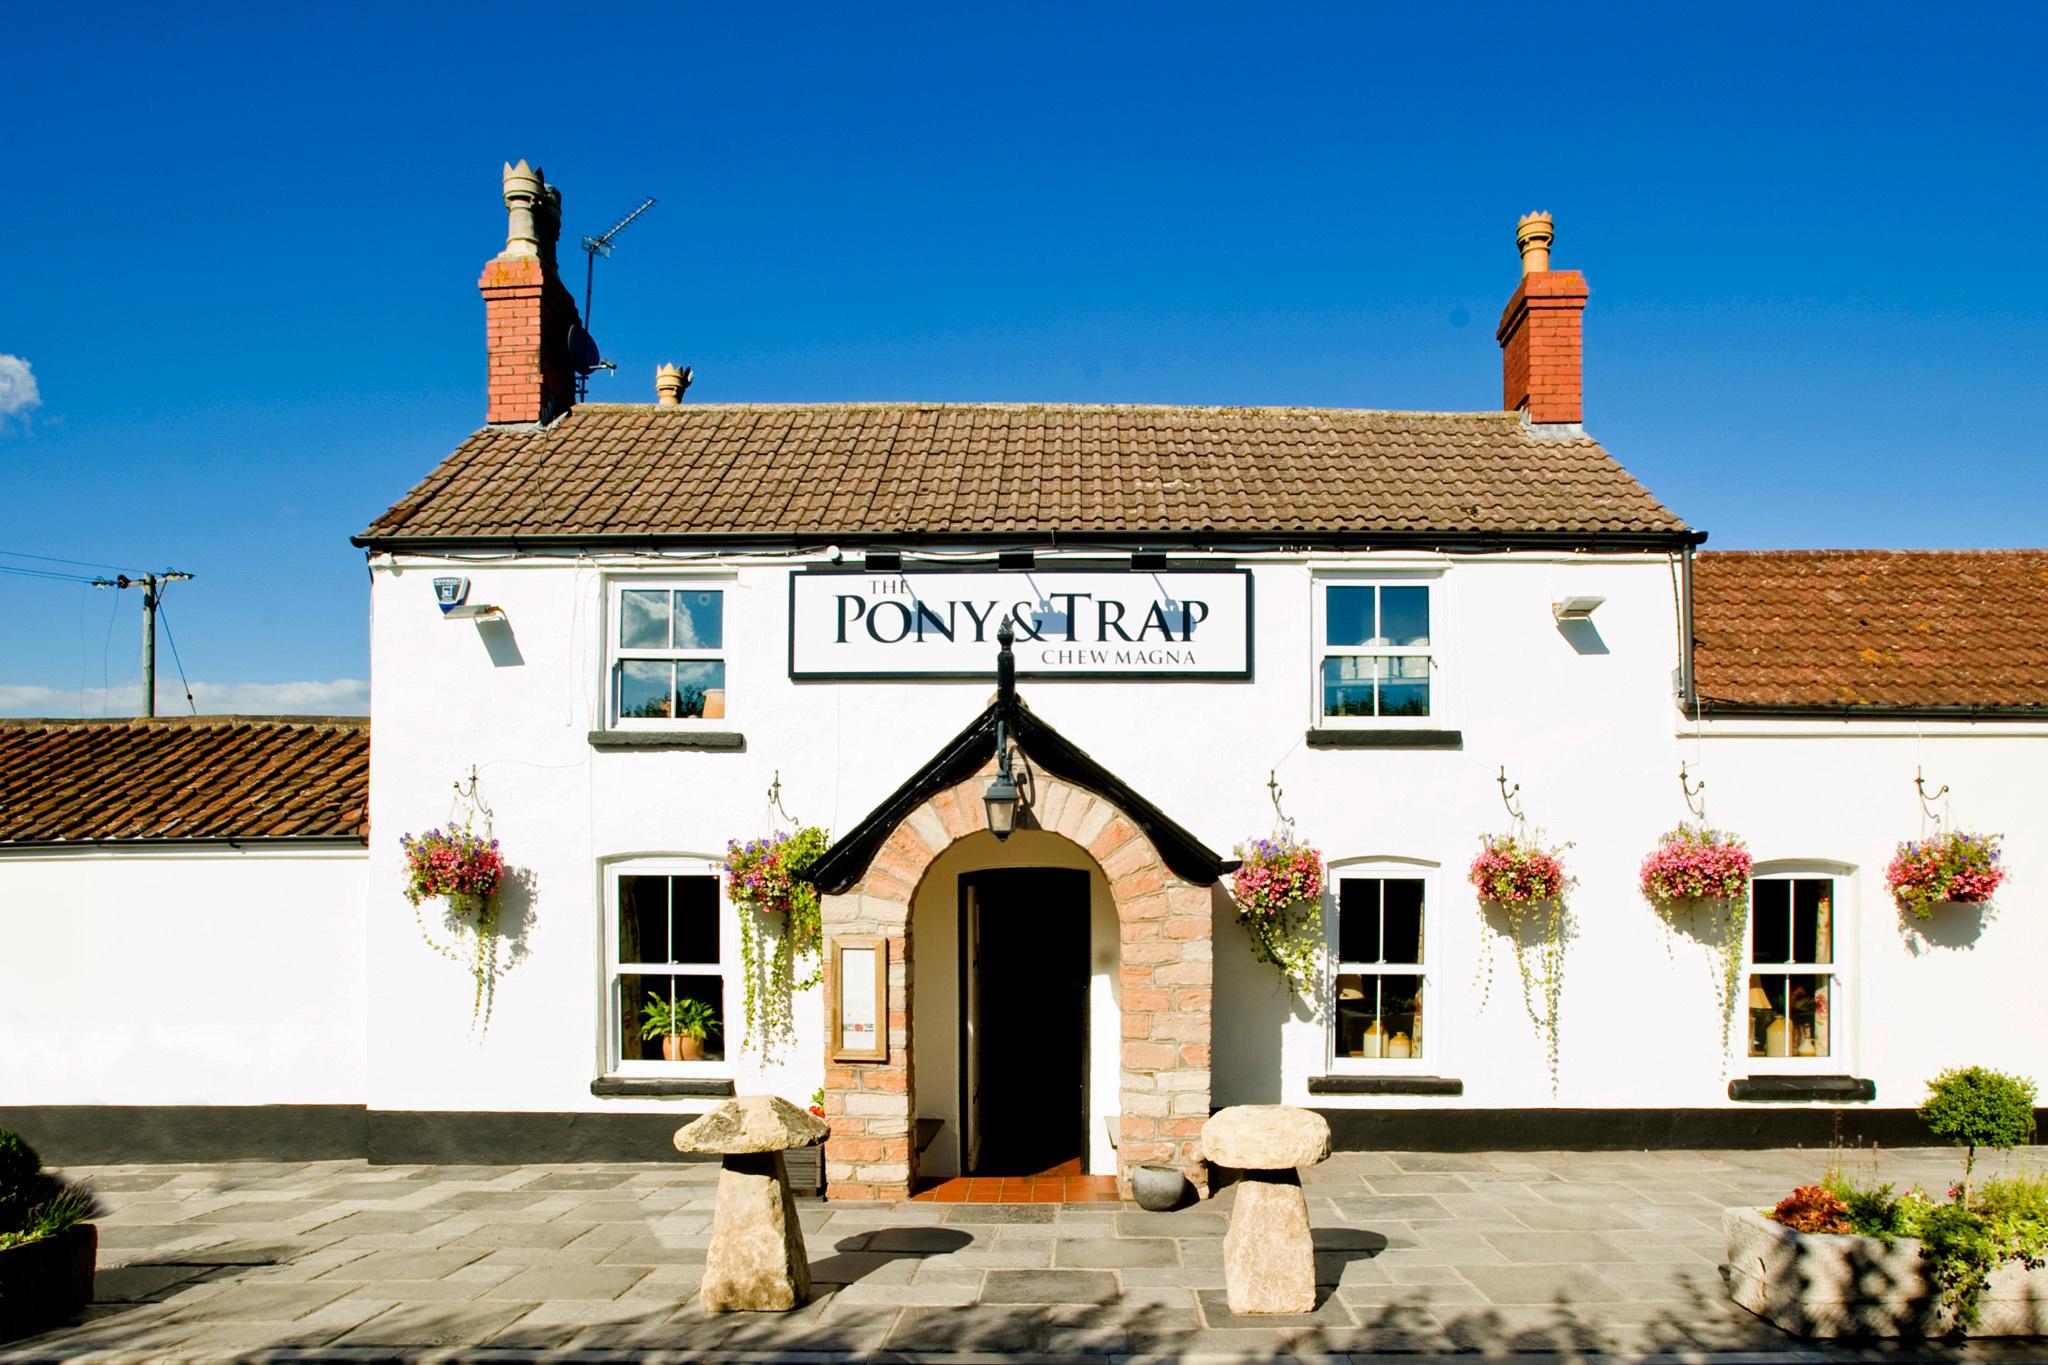 The Pony & Trap Bristol Michelin Star